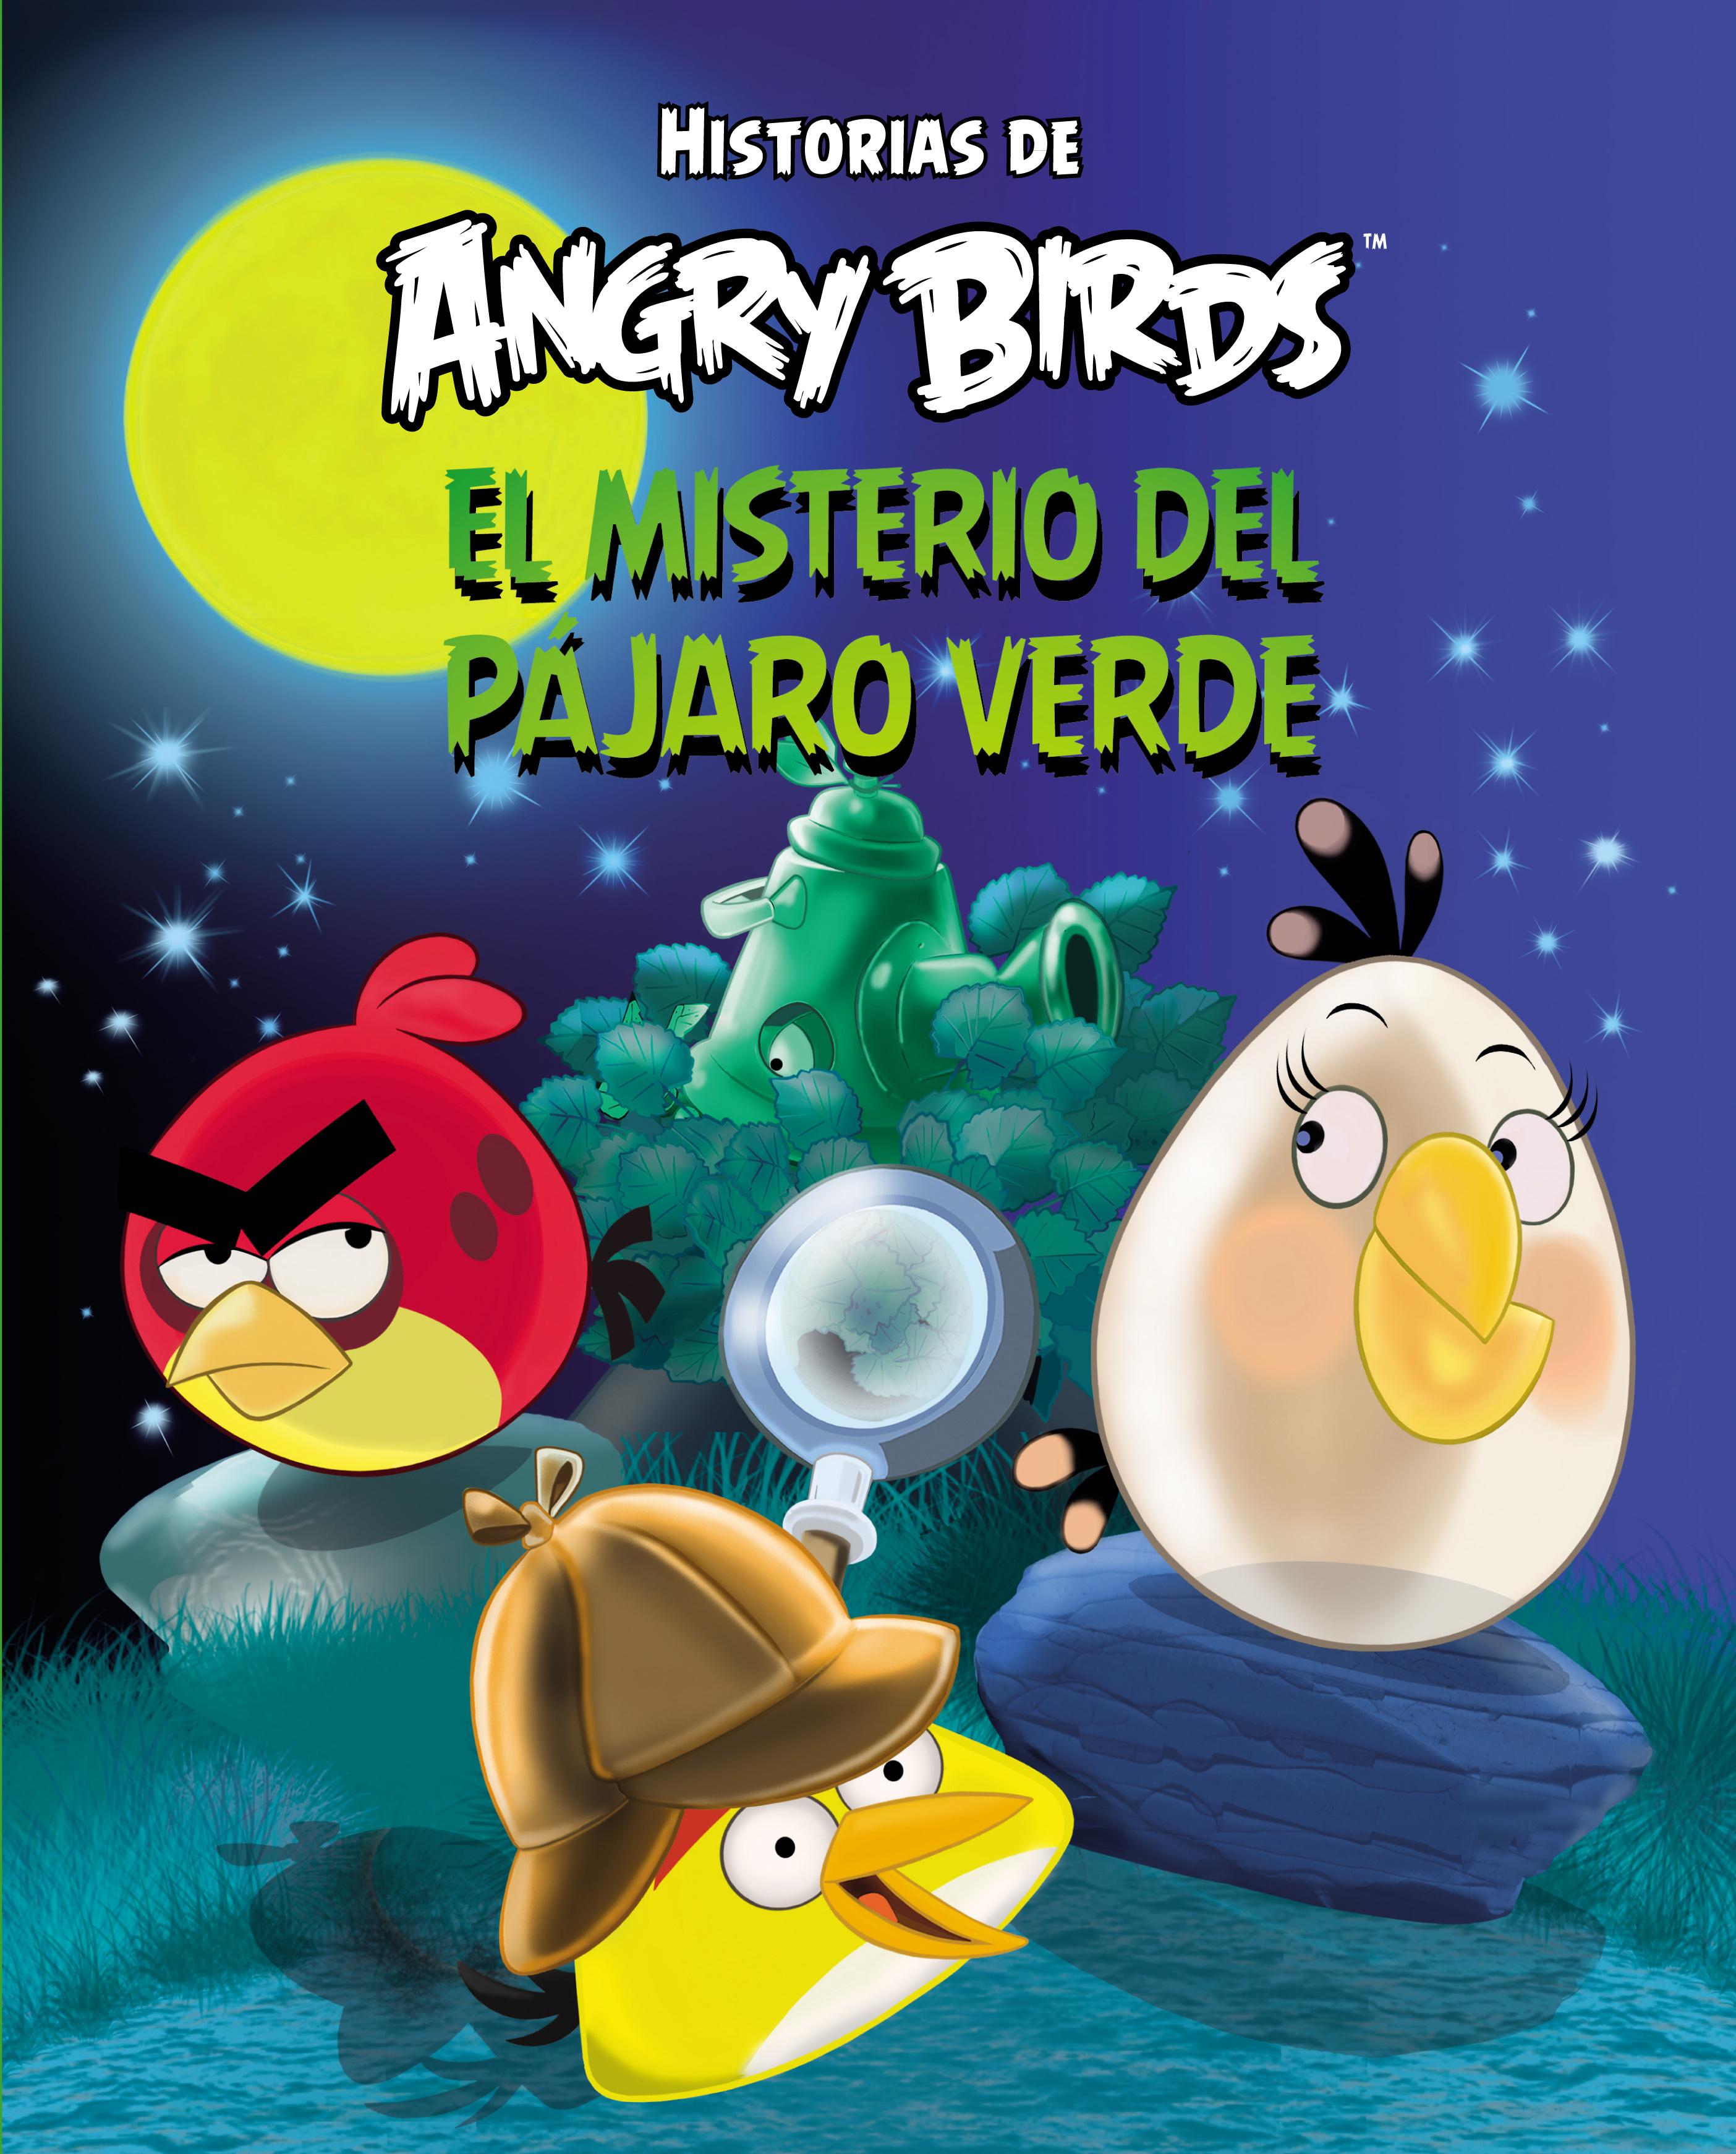 portada-angry-birds-historias-angry-birds-misterio-pajaro-verde